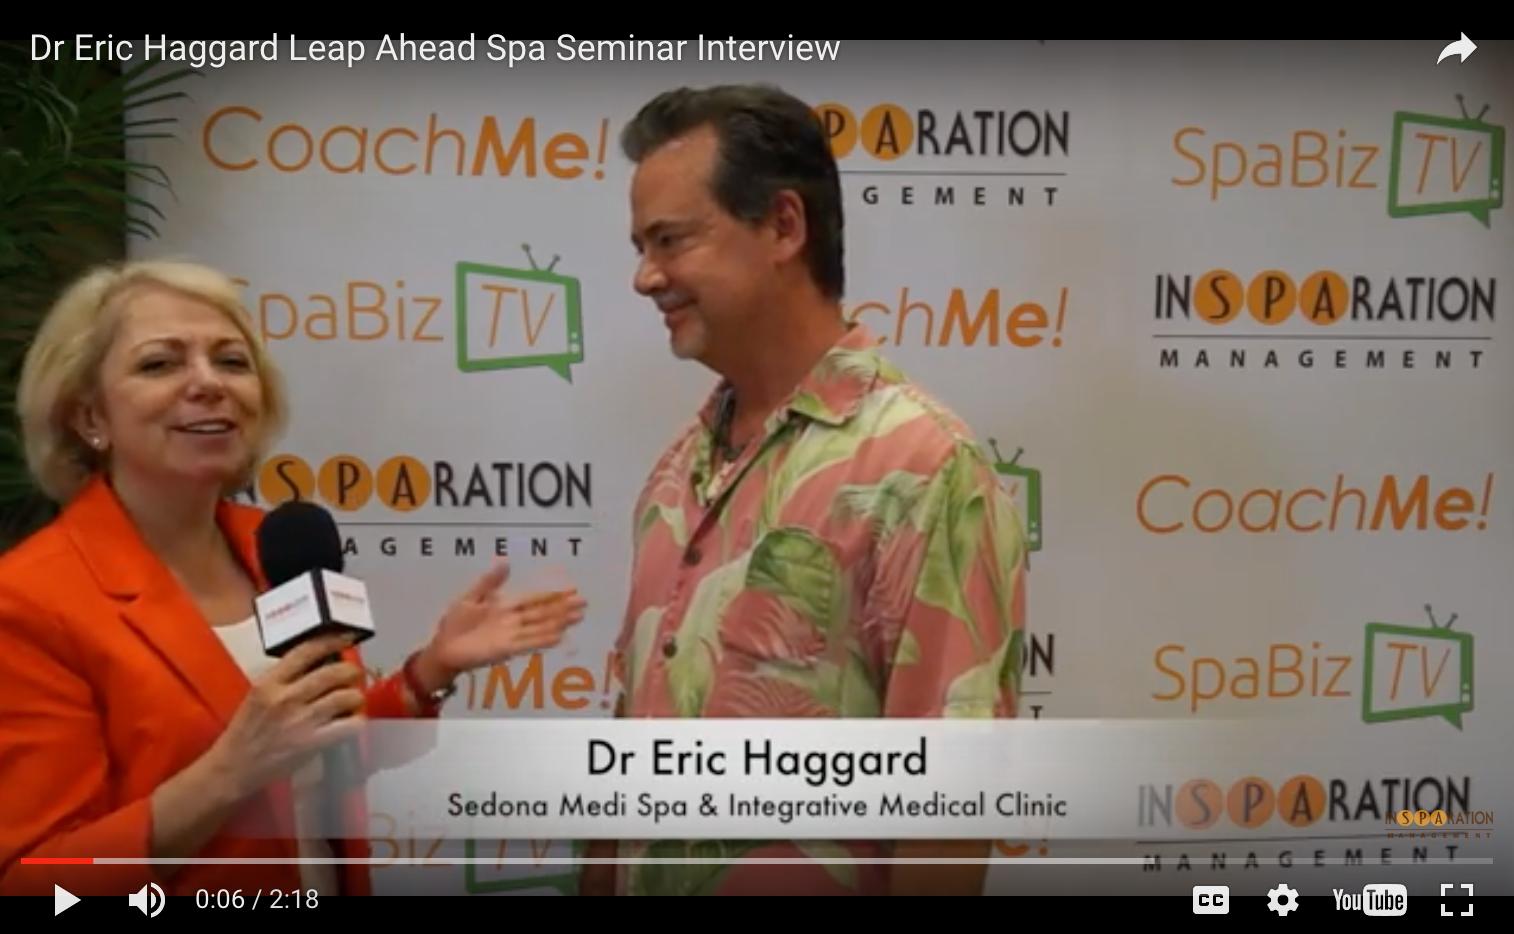 Dr. Eric Haggard